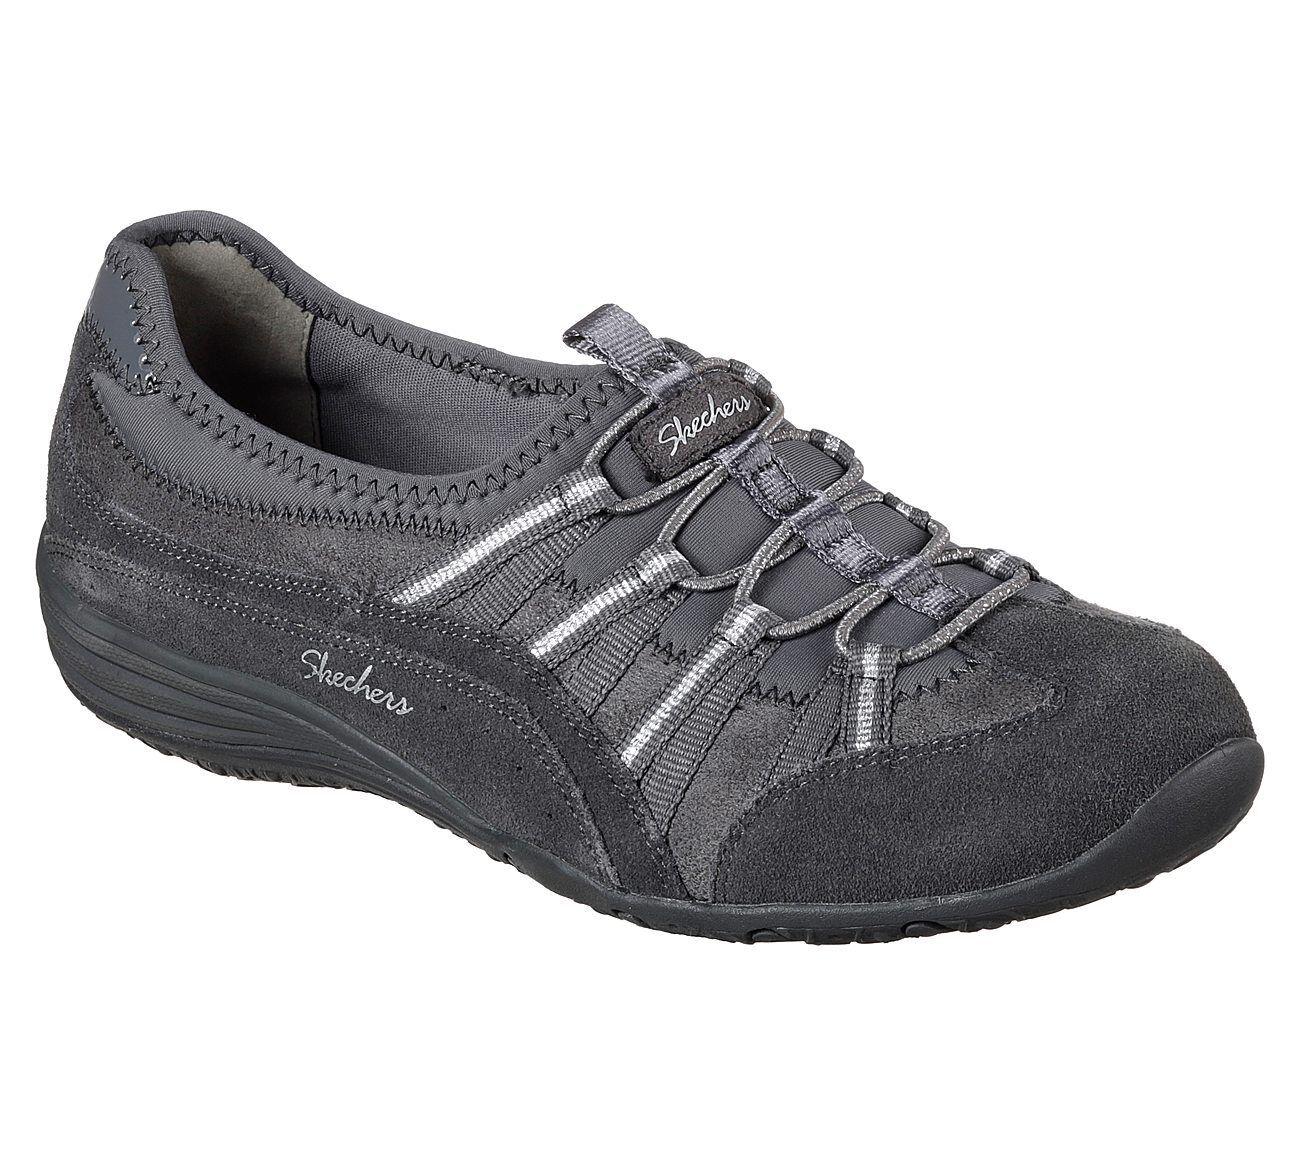 Skechers Unity - strahlend Trainers Damen klassisch Memory Foam Flache Schuhe